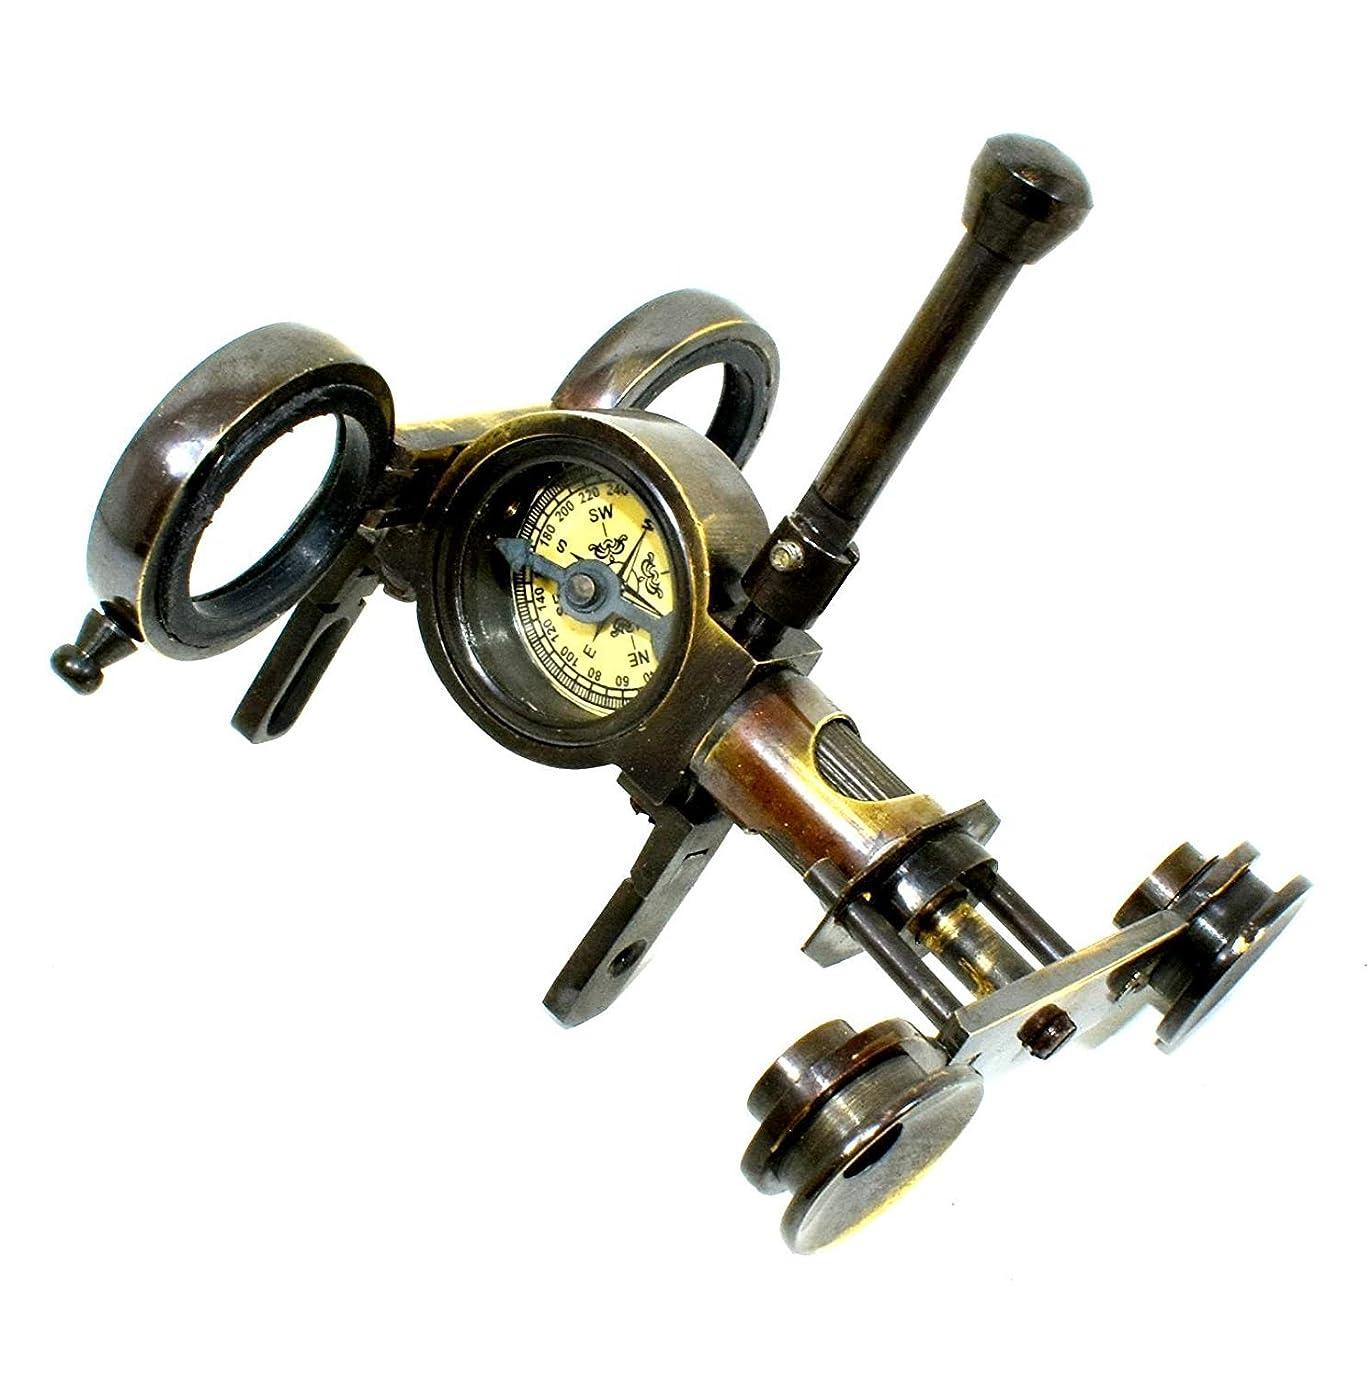 コテージキリン世界の窓真鍮 双眼鏡 海洋 単眼鏡 望遠鏡 ギフト